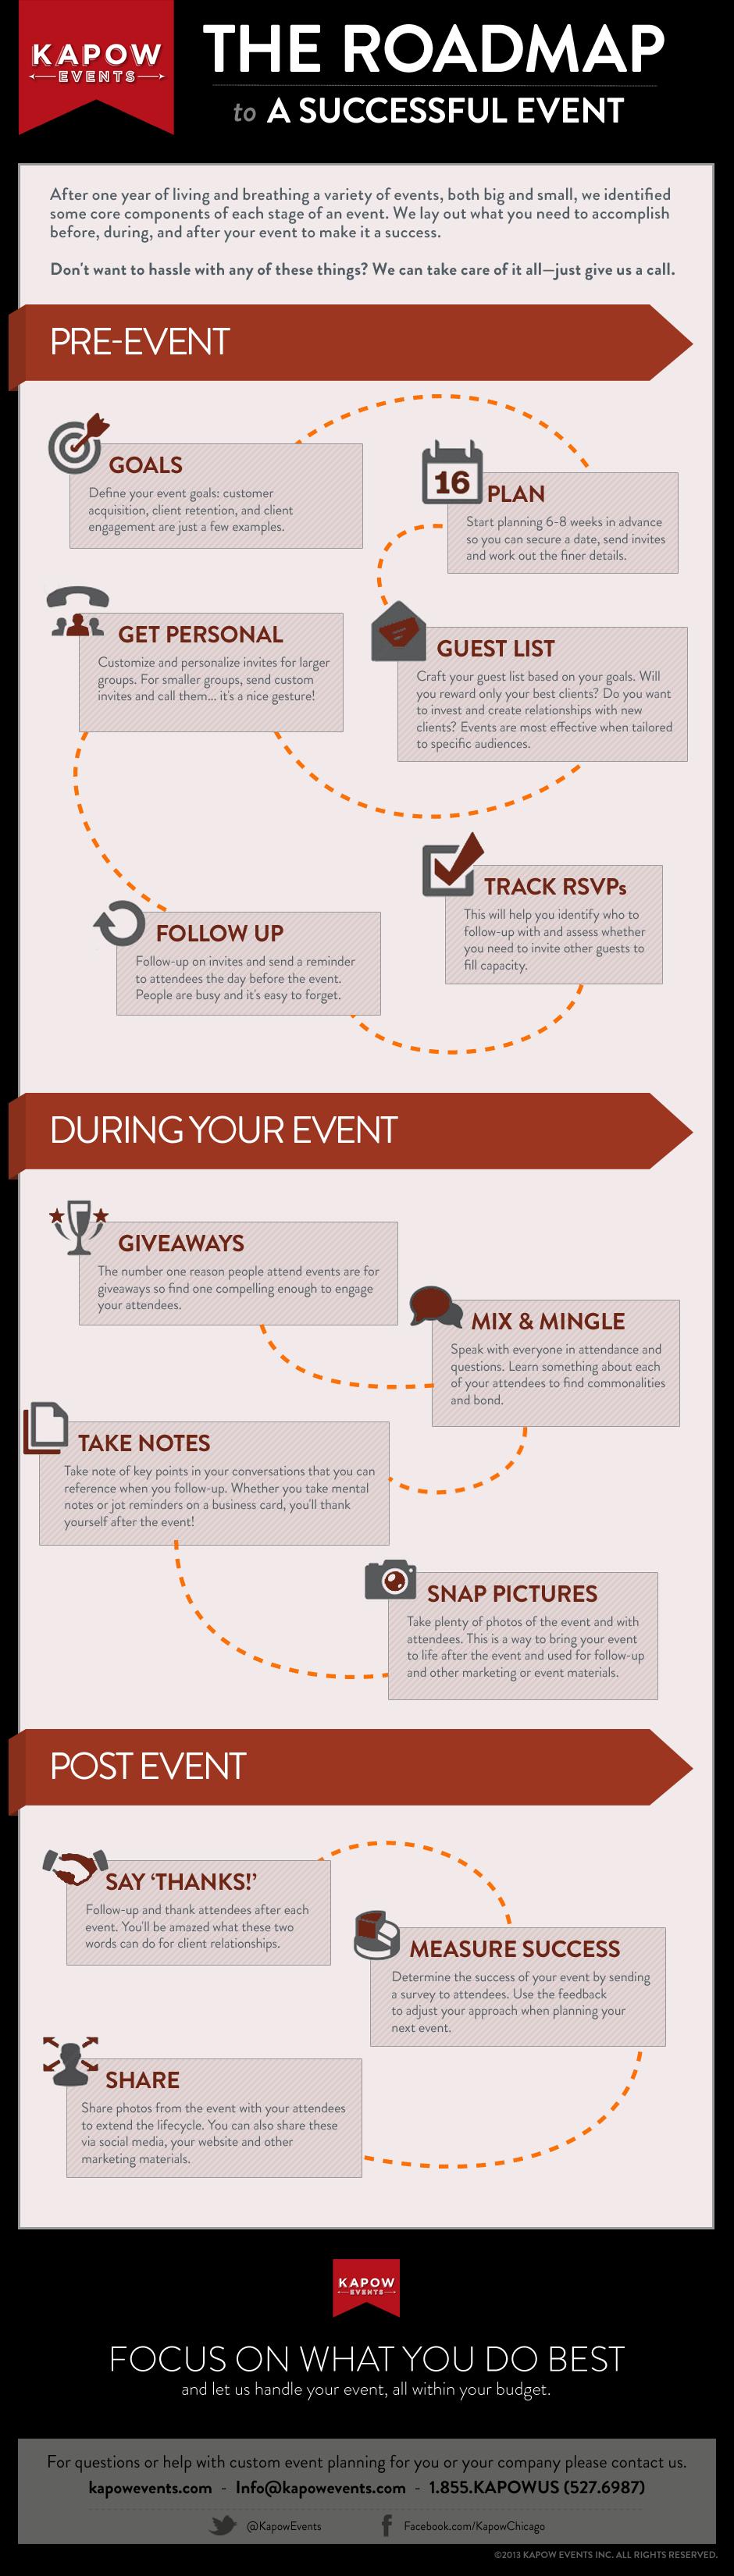 De acuerdo a Kapow eventos, estos son los elementos basicos que componen un evento exitoso. #fantomcl